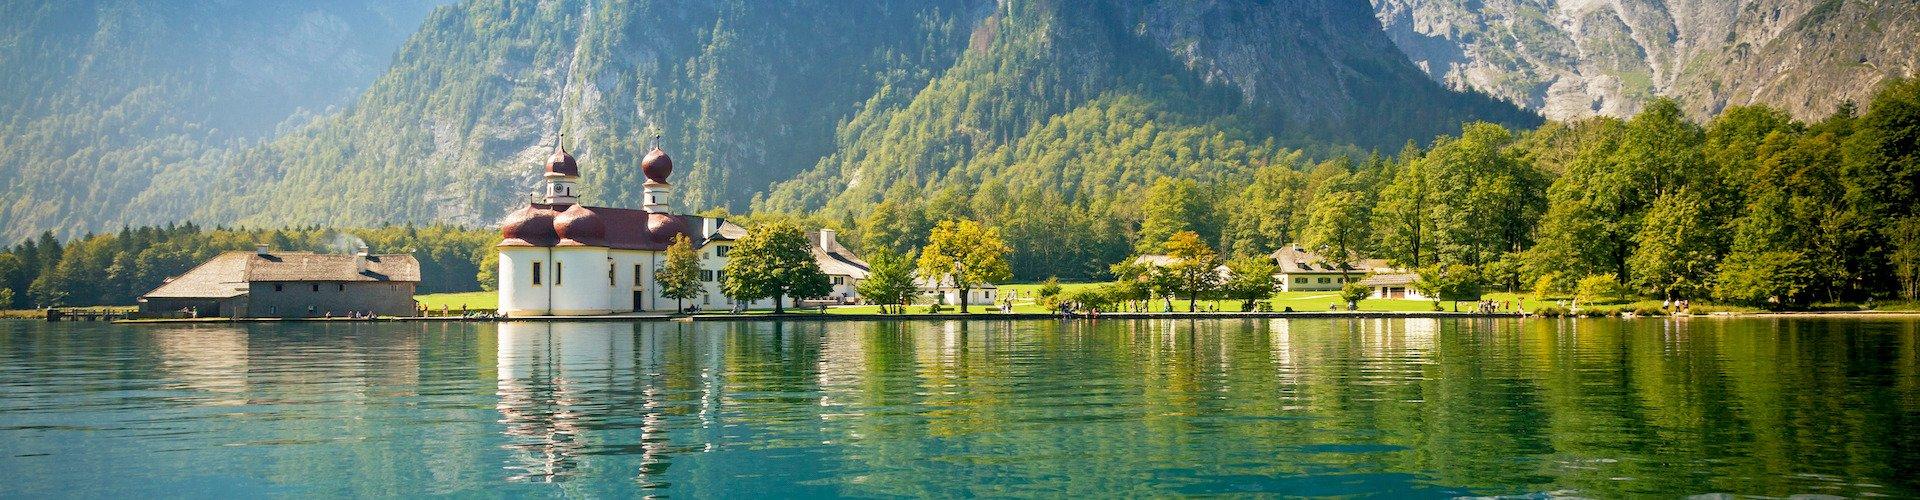 Familienurlaub im Berchtesgadener Land